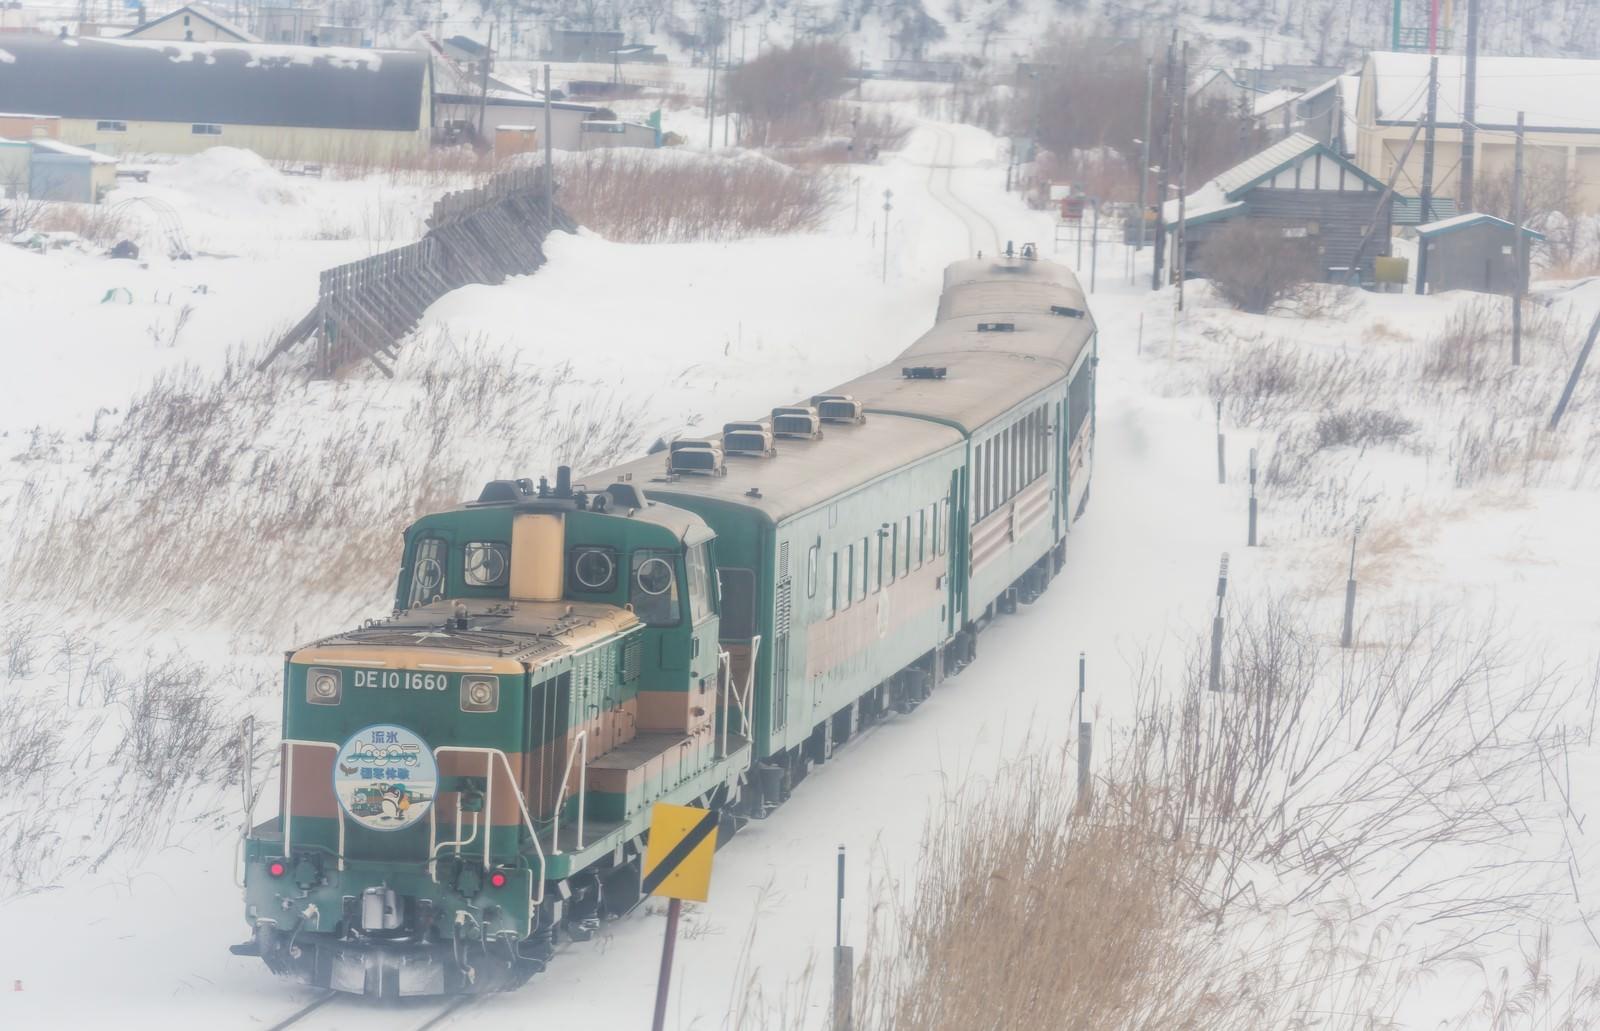 「雪の中を走る運輸車両雪の中を走る運輸車両」のフリー写真素材を拡大